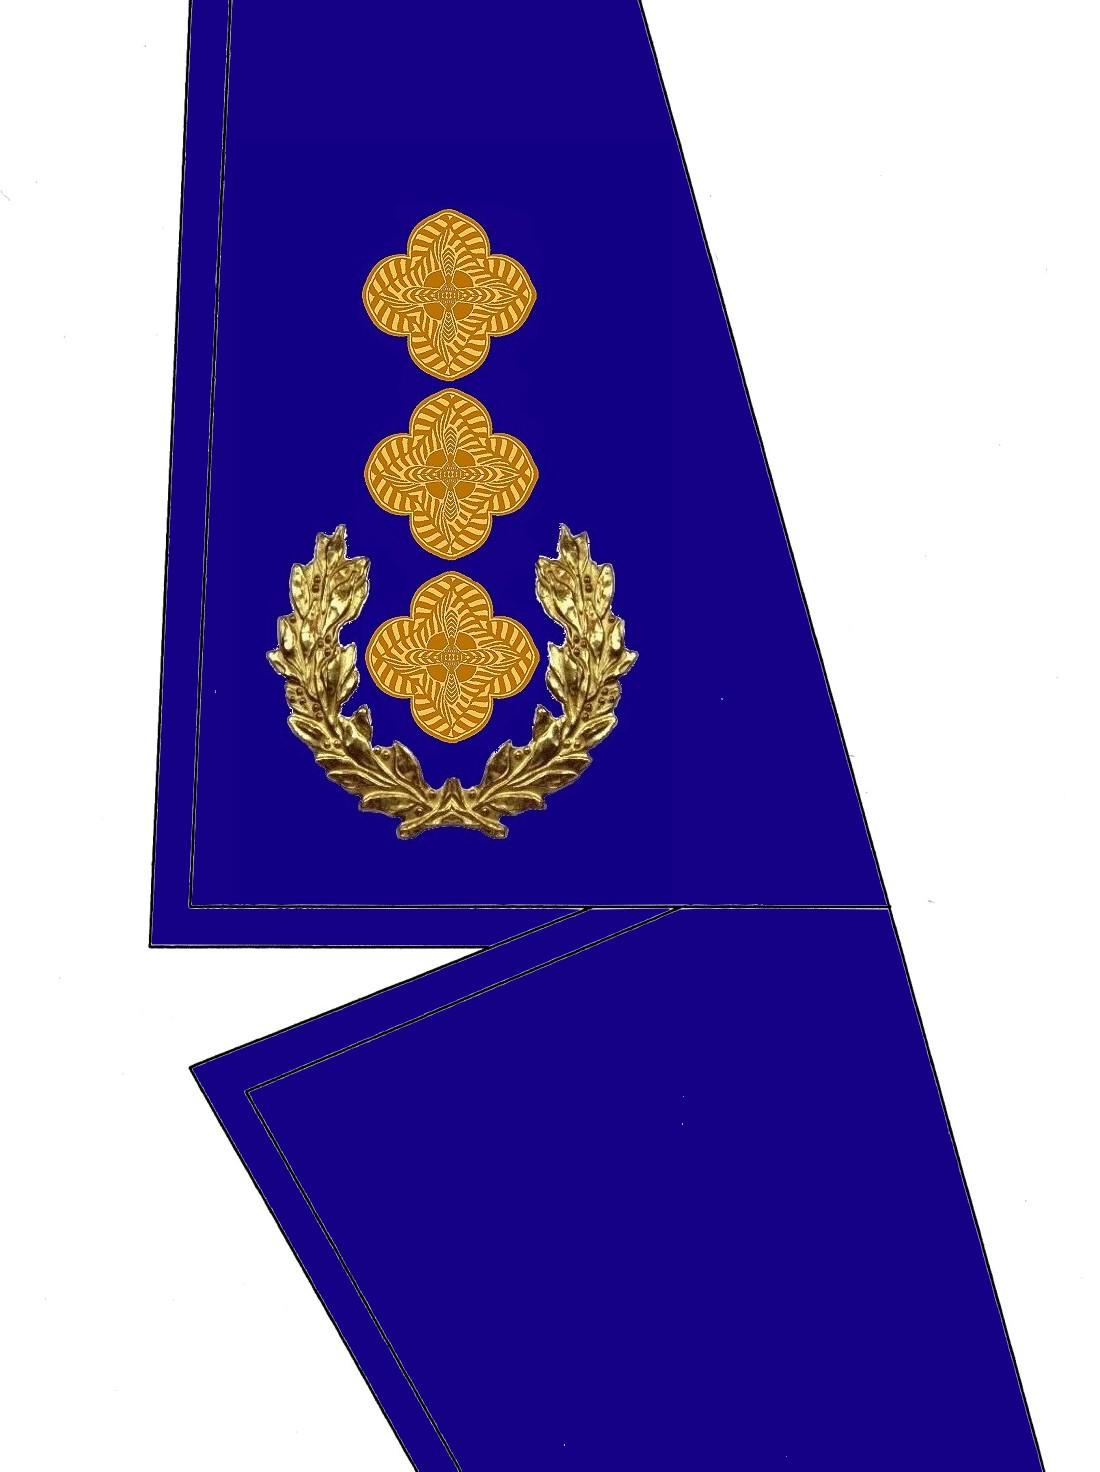 17-kragen-rangabzeichen-oberst-hg-blau